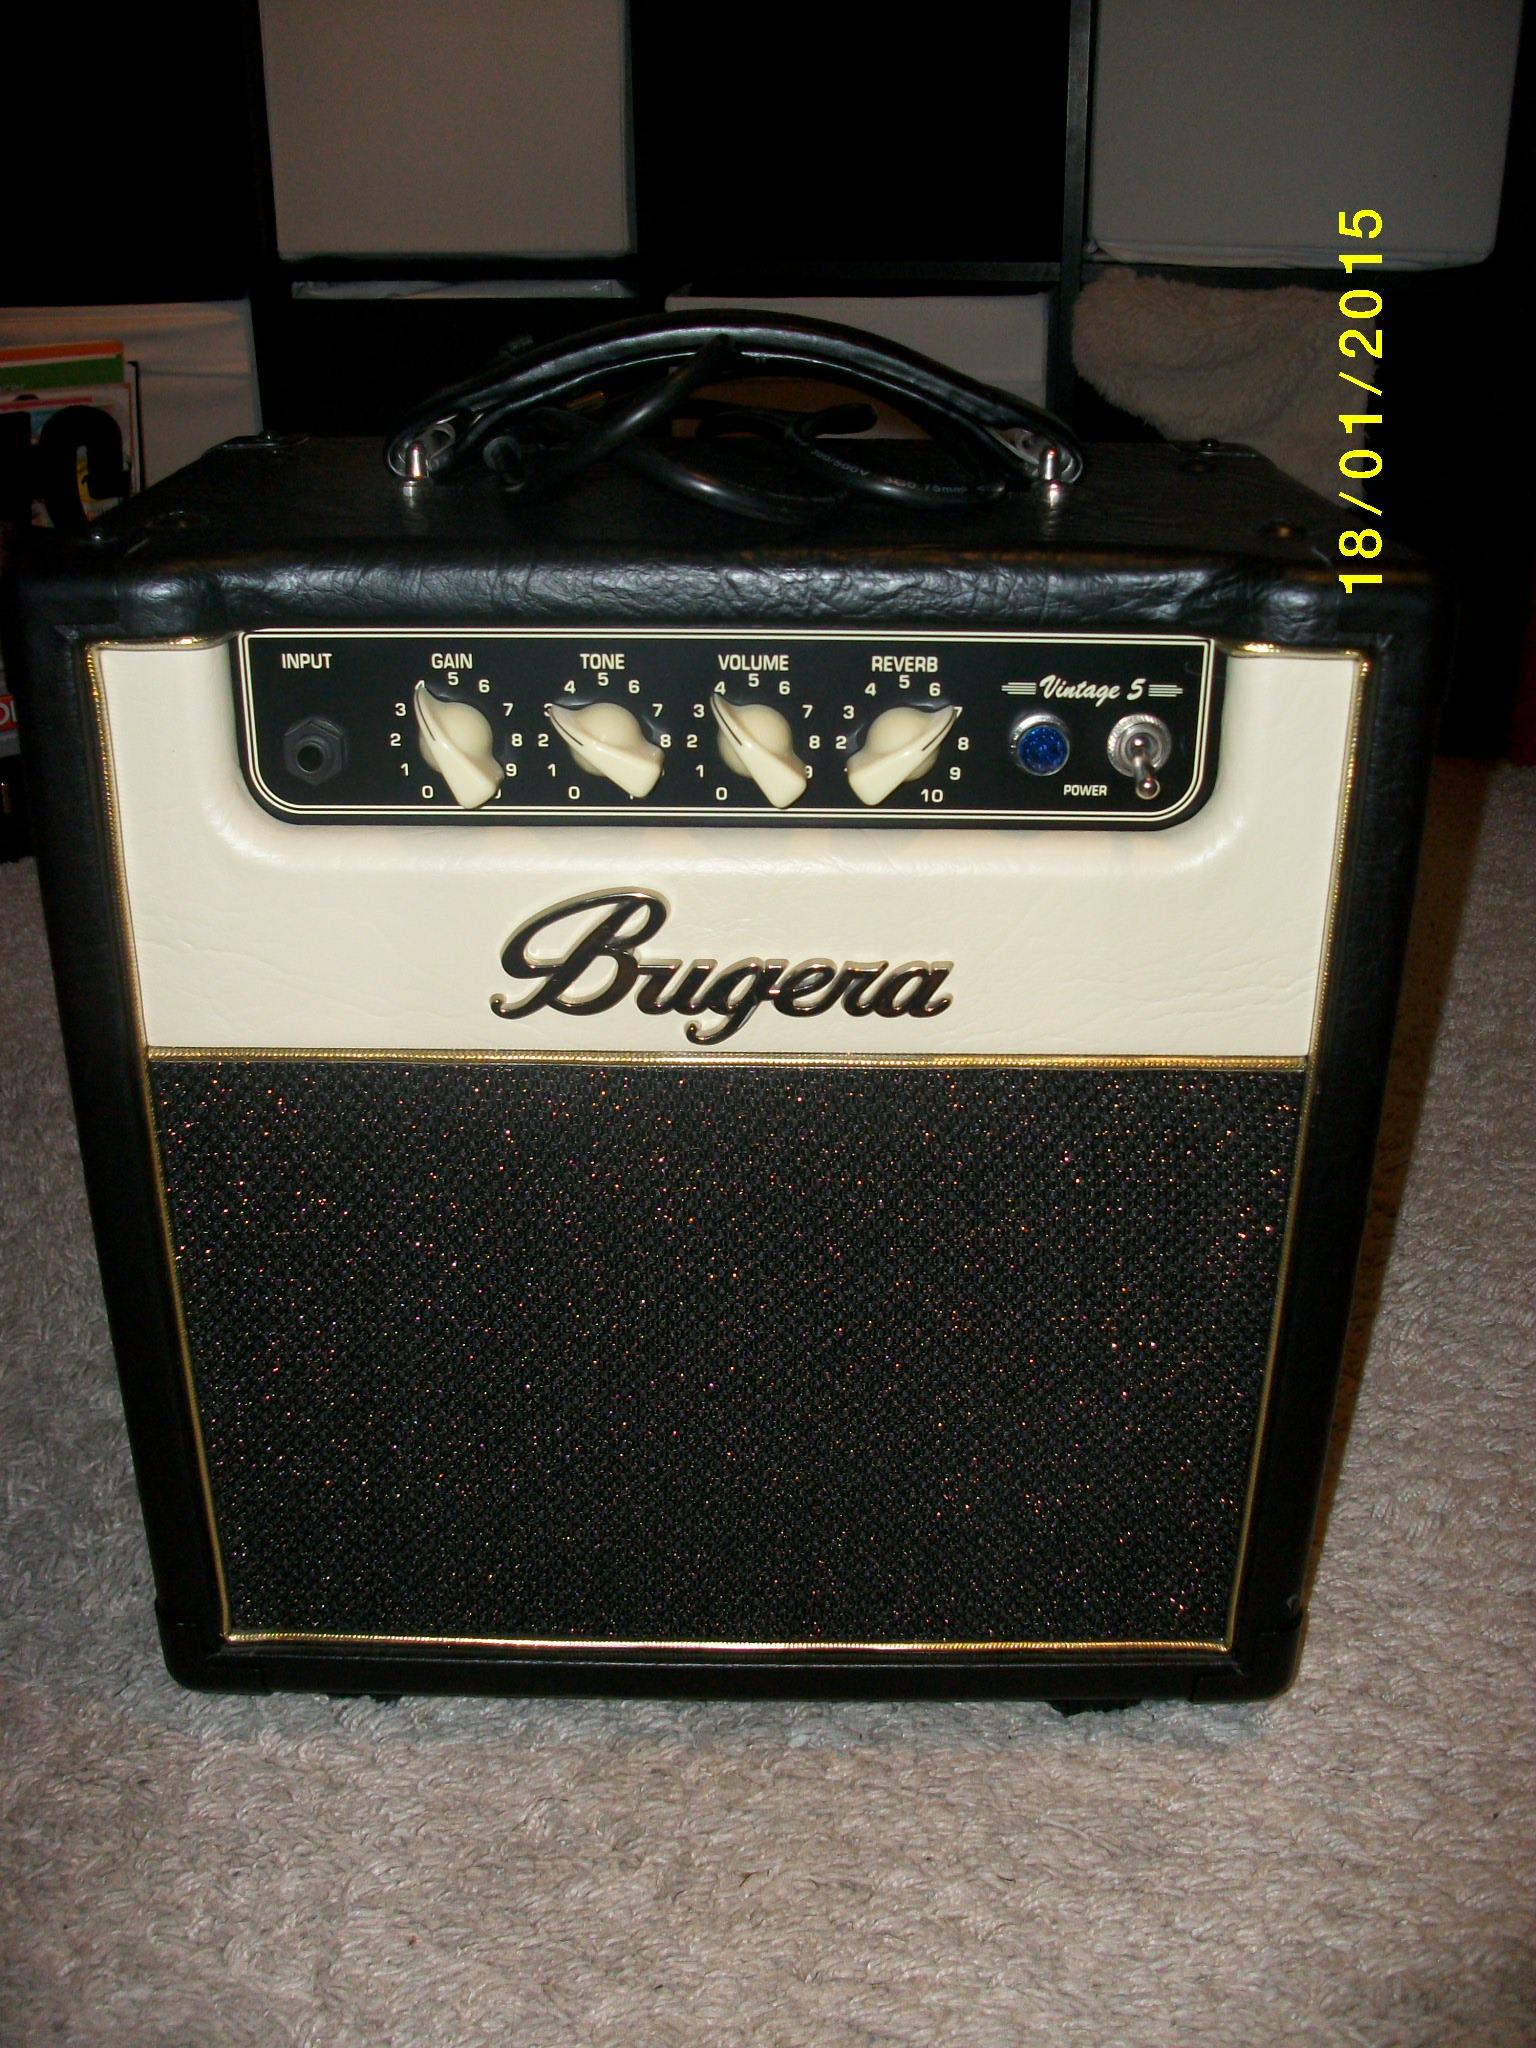 Bugera v5 modifications myideasbedroom com